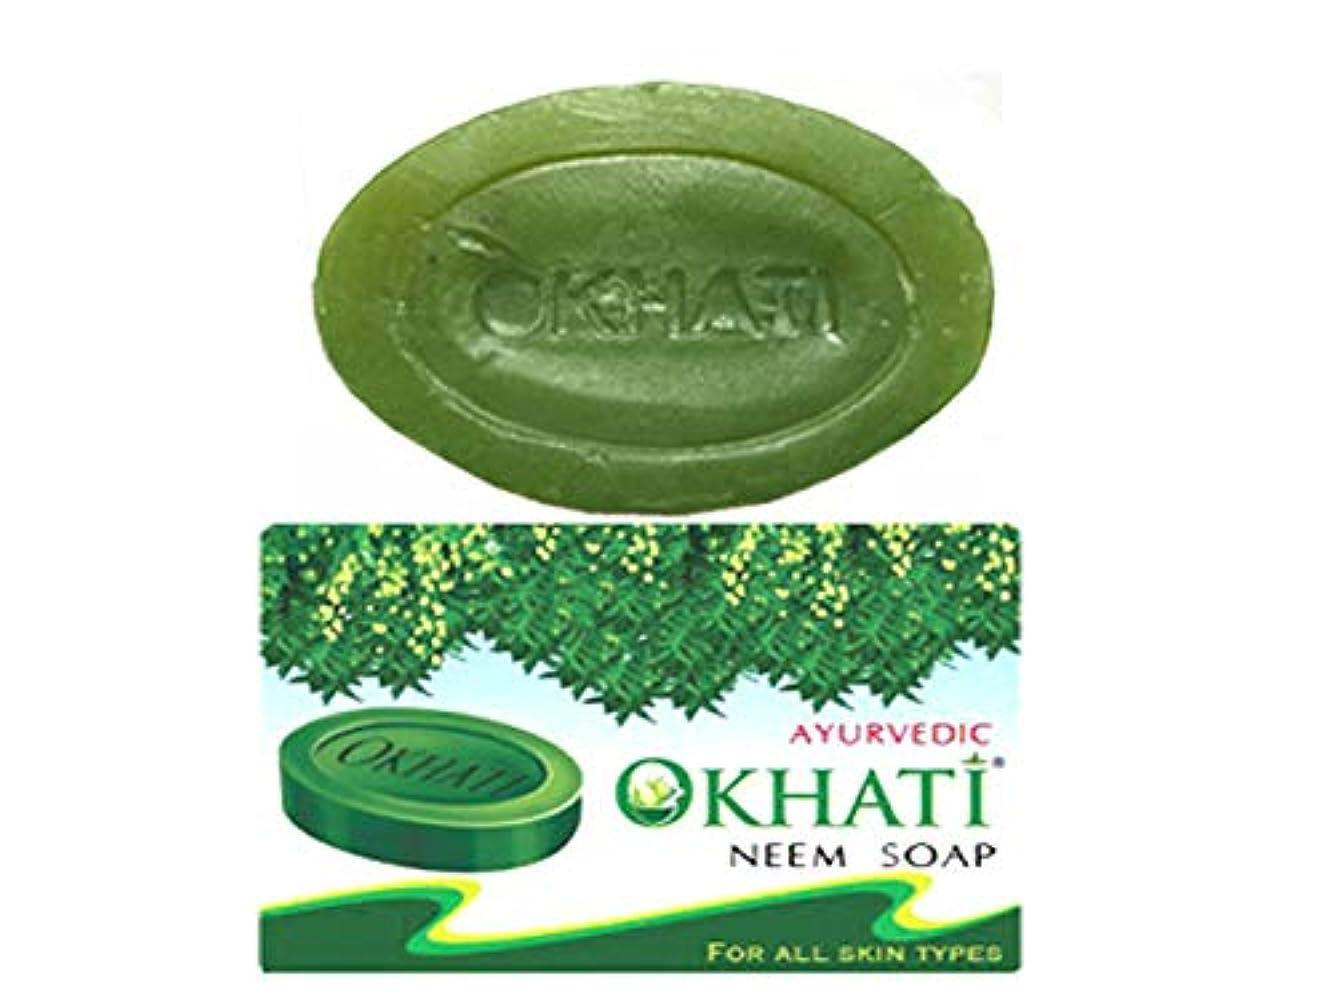 バウンス層十二オカティ ニーム ソープ 75g AYURVEDEC OKHATI NEEM SOAP/NEPAL HIMALAYA SOAP ヒマラヤ石鹸